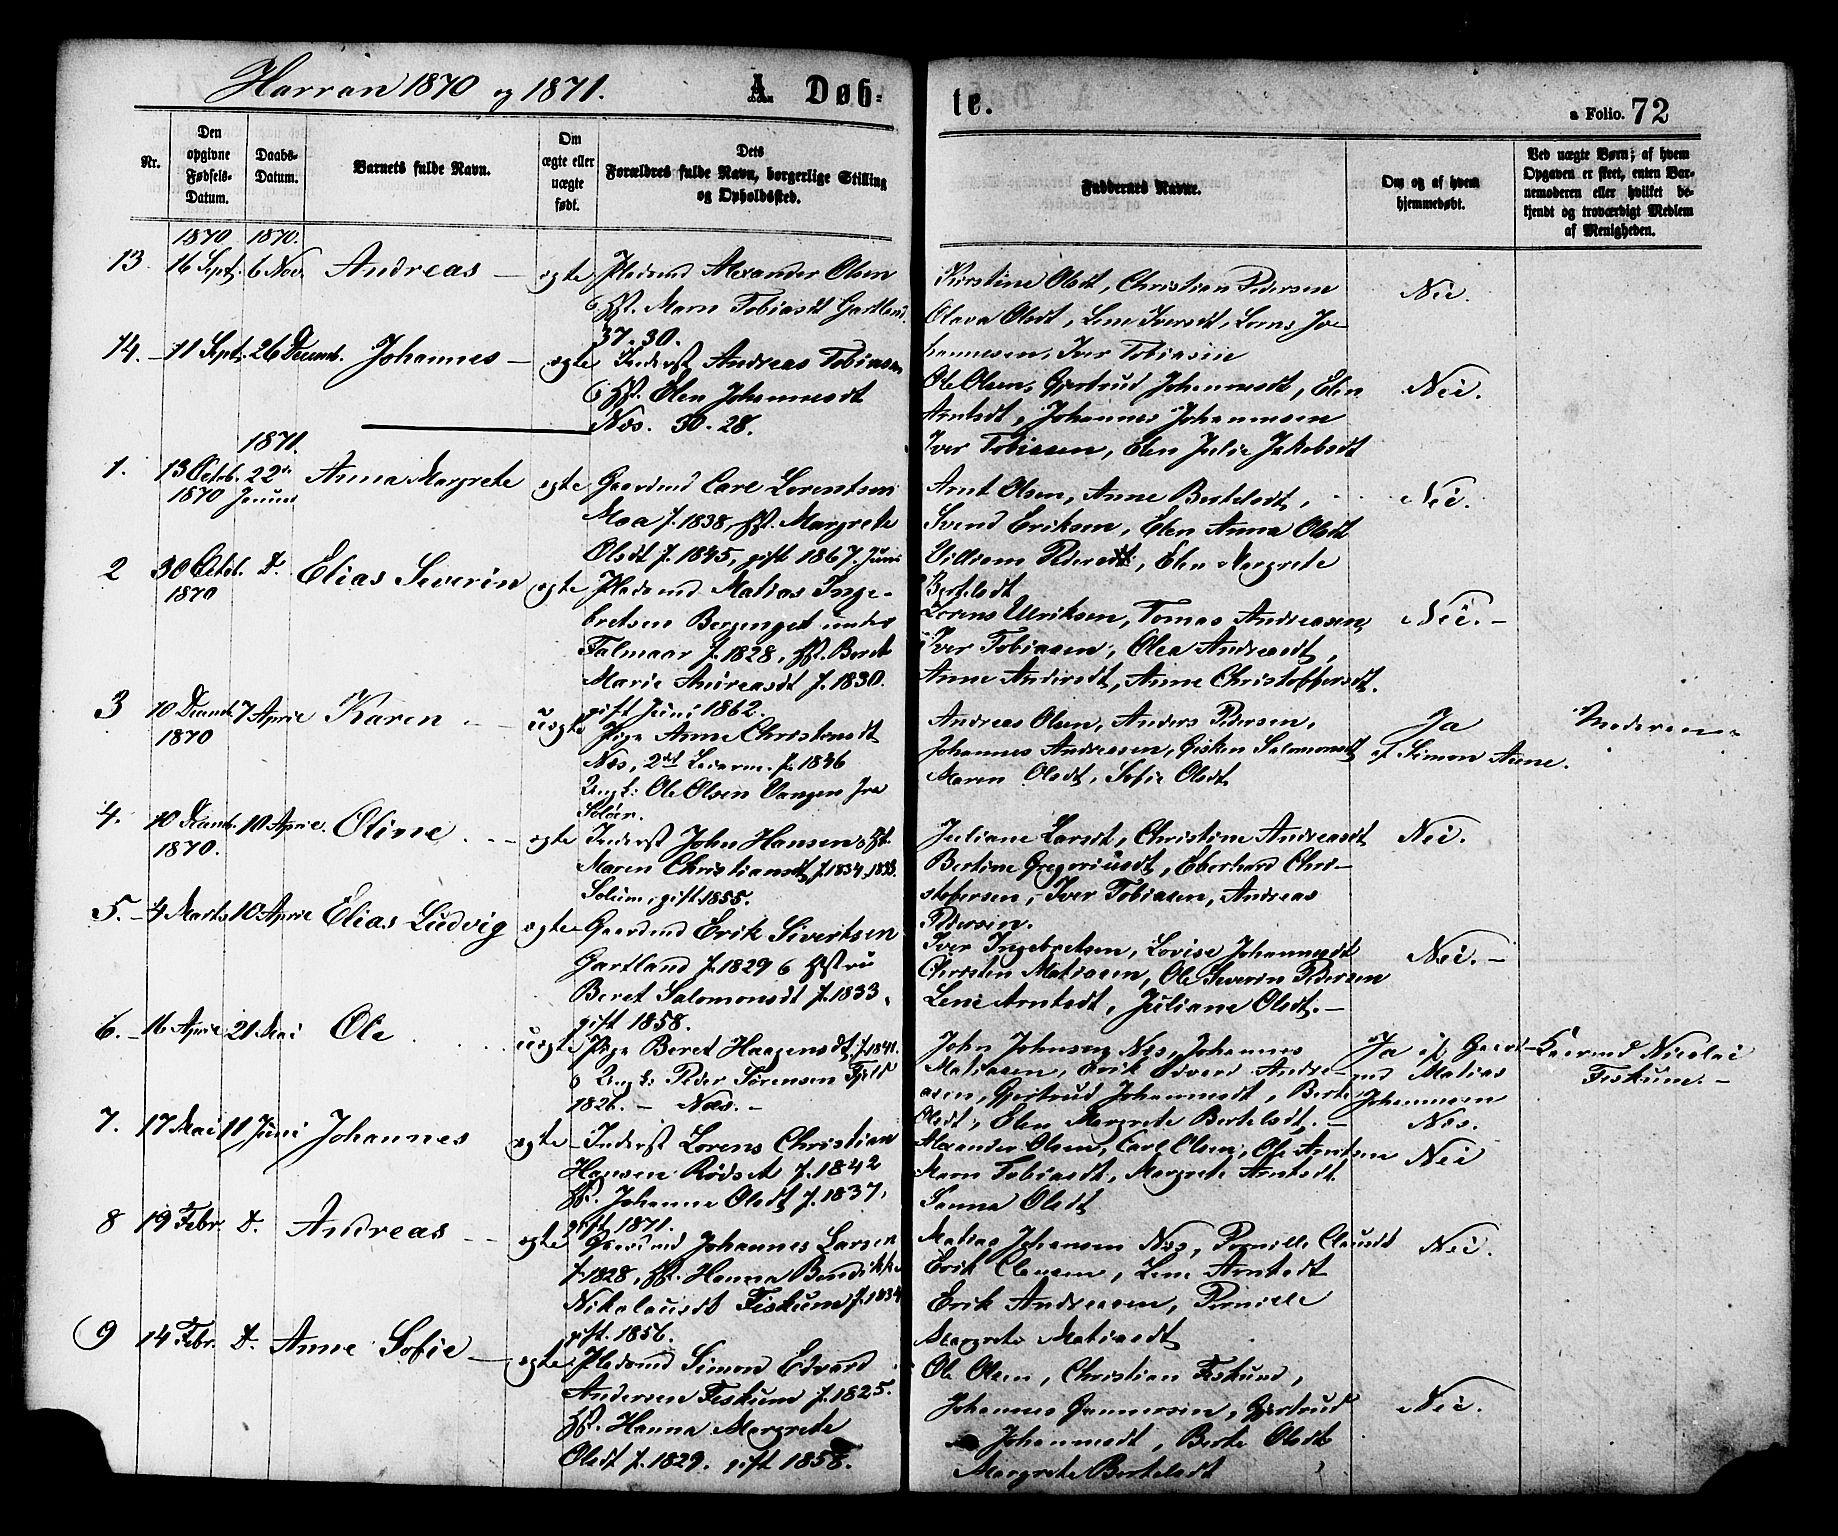 SAT, Ministerialprotokoller, klokkerbøker og fødselsregistre - Nord-Trøndelag, 758/L0516: Ministerialbok nr. 758A03 /3, 1869-1879, s. 72